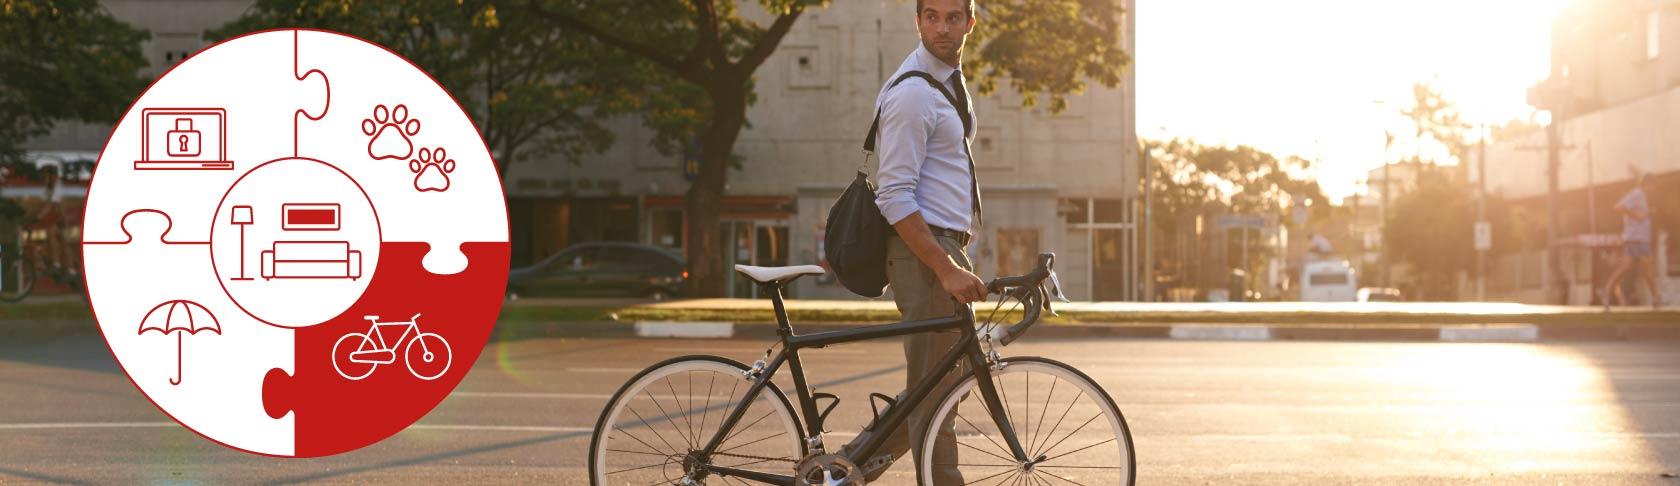 Assicurazione biciclette generali for Mobilia domestica